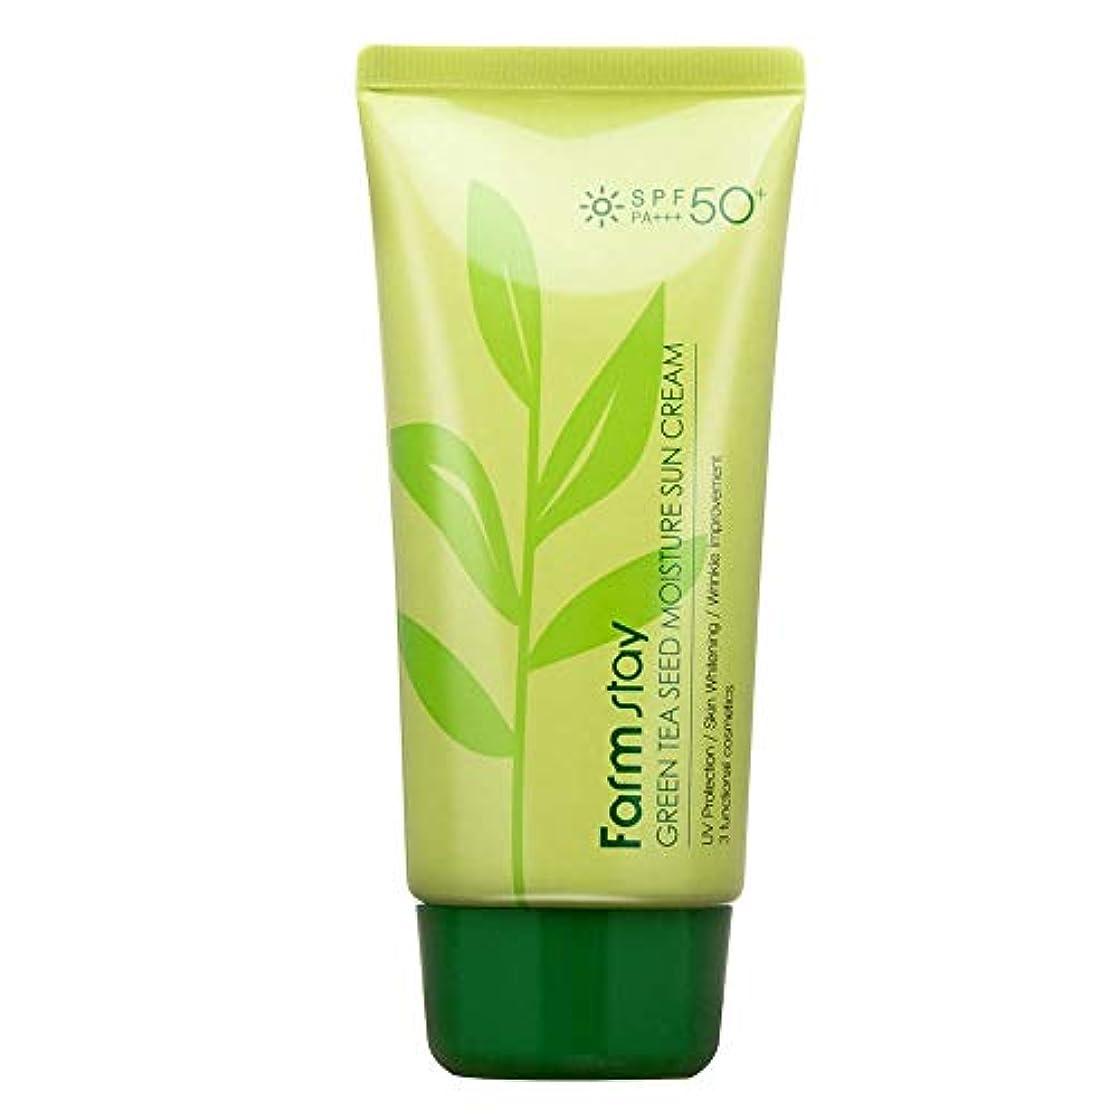 ボランティア男対処ファームステイ[Farm Stay] グリーンティーシードモイスチャーサンクリーム 70g (美白&しわ防止) / Green Tea Seed Moisture Sun Cream